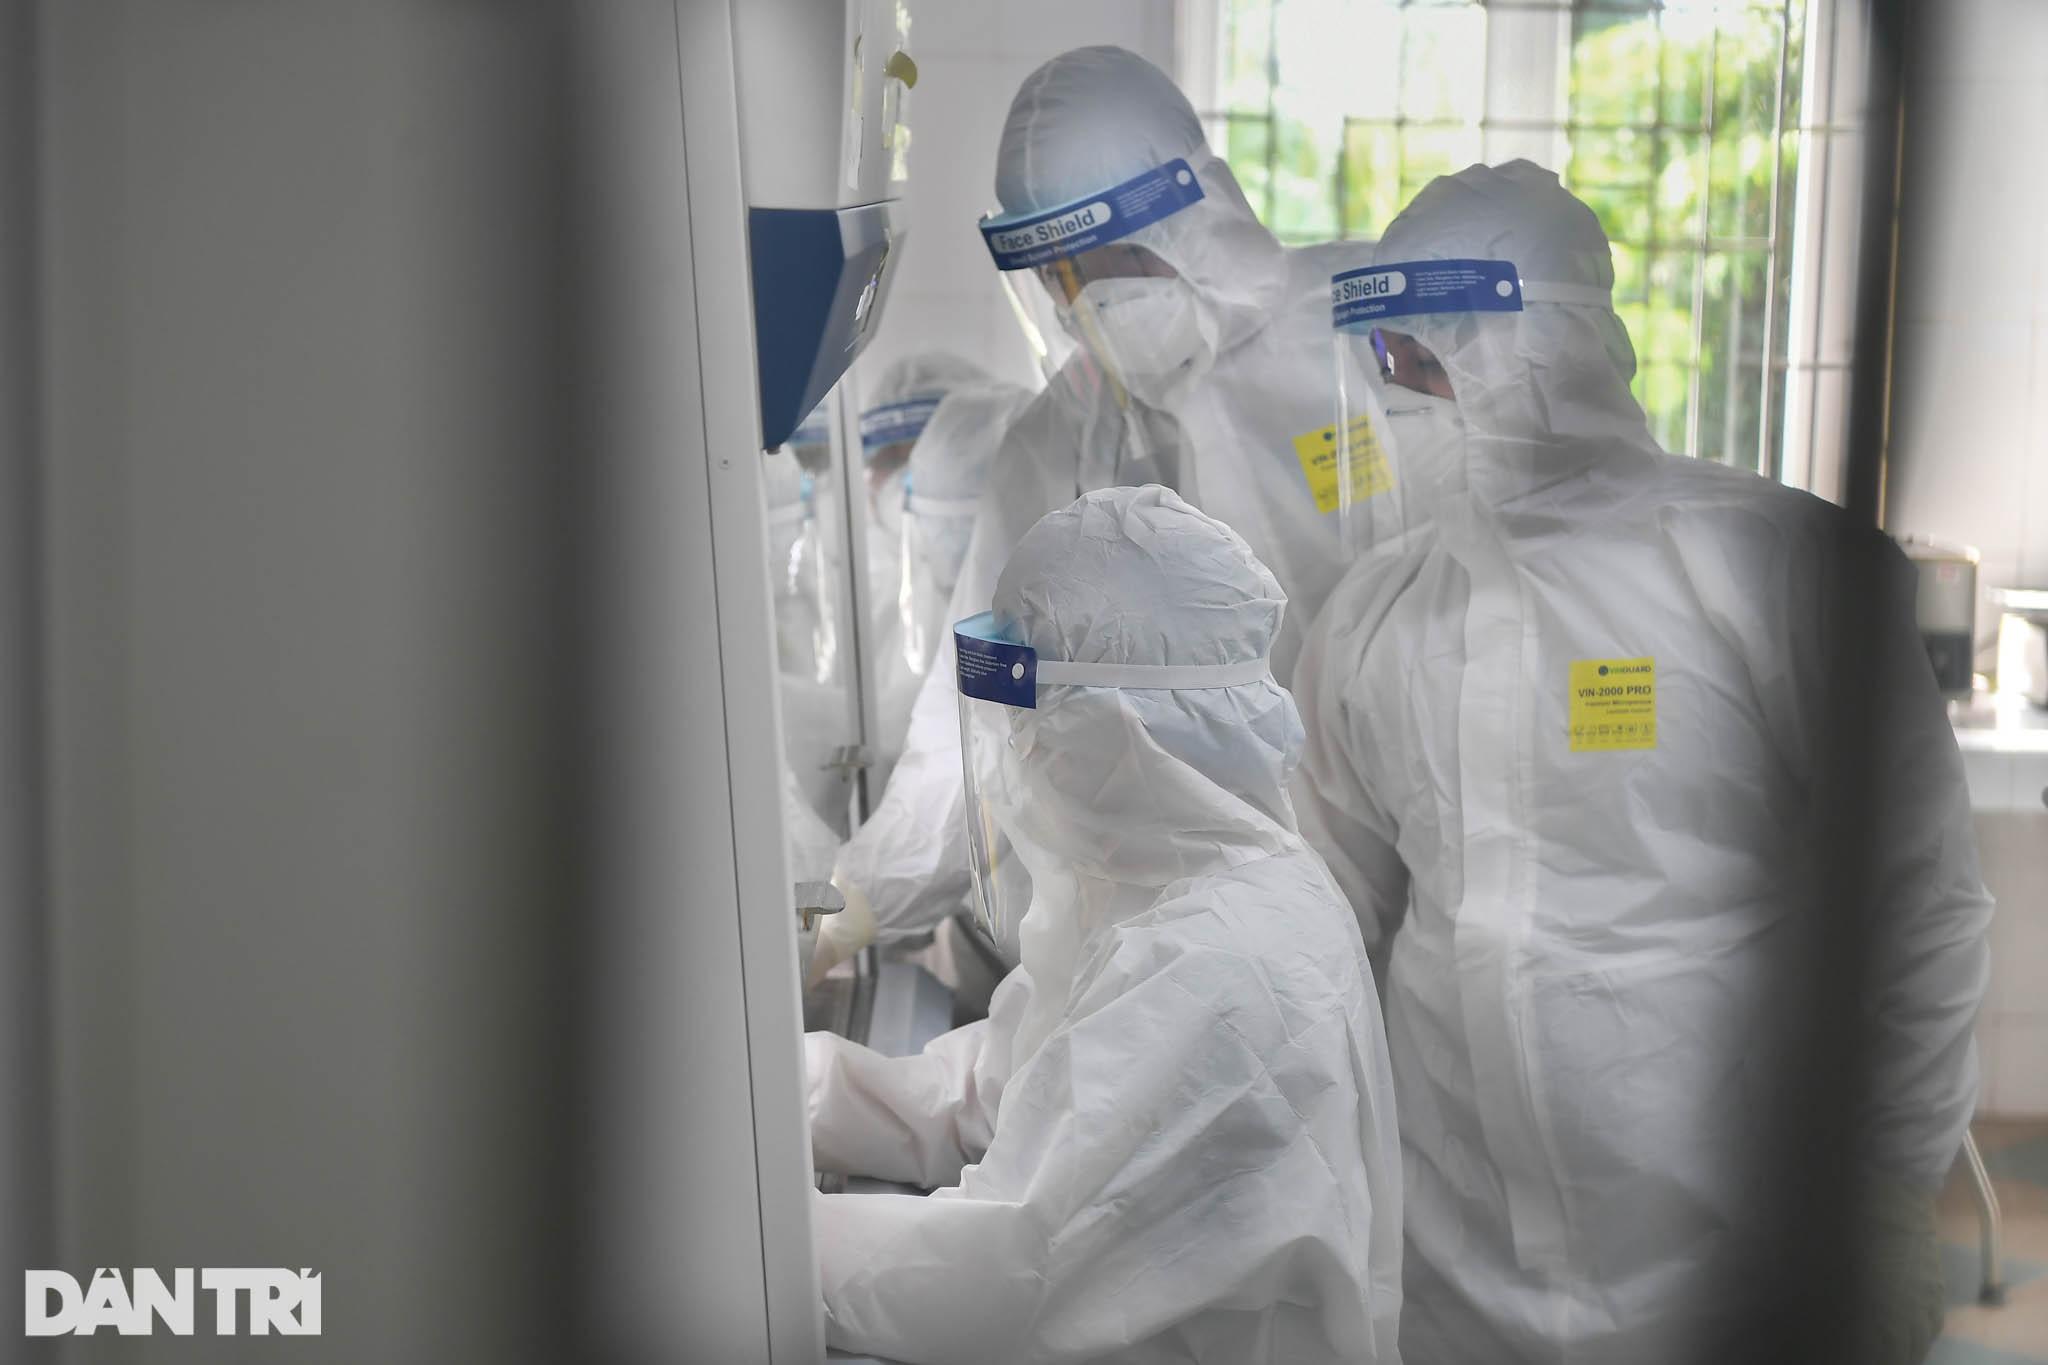 Cận cảnh khu xét nghiệm lớn nhất Việt Nam, cao điểm xử lý 20.000 mẫu/ngày - 3